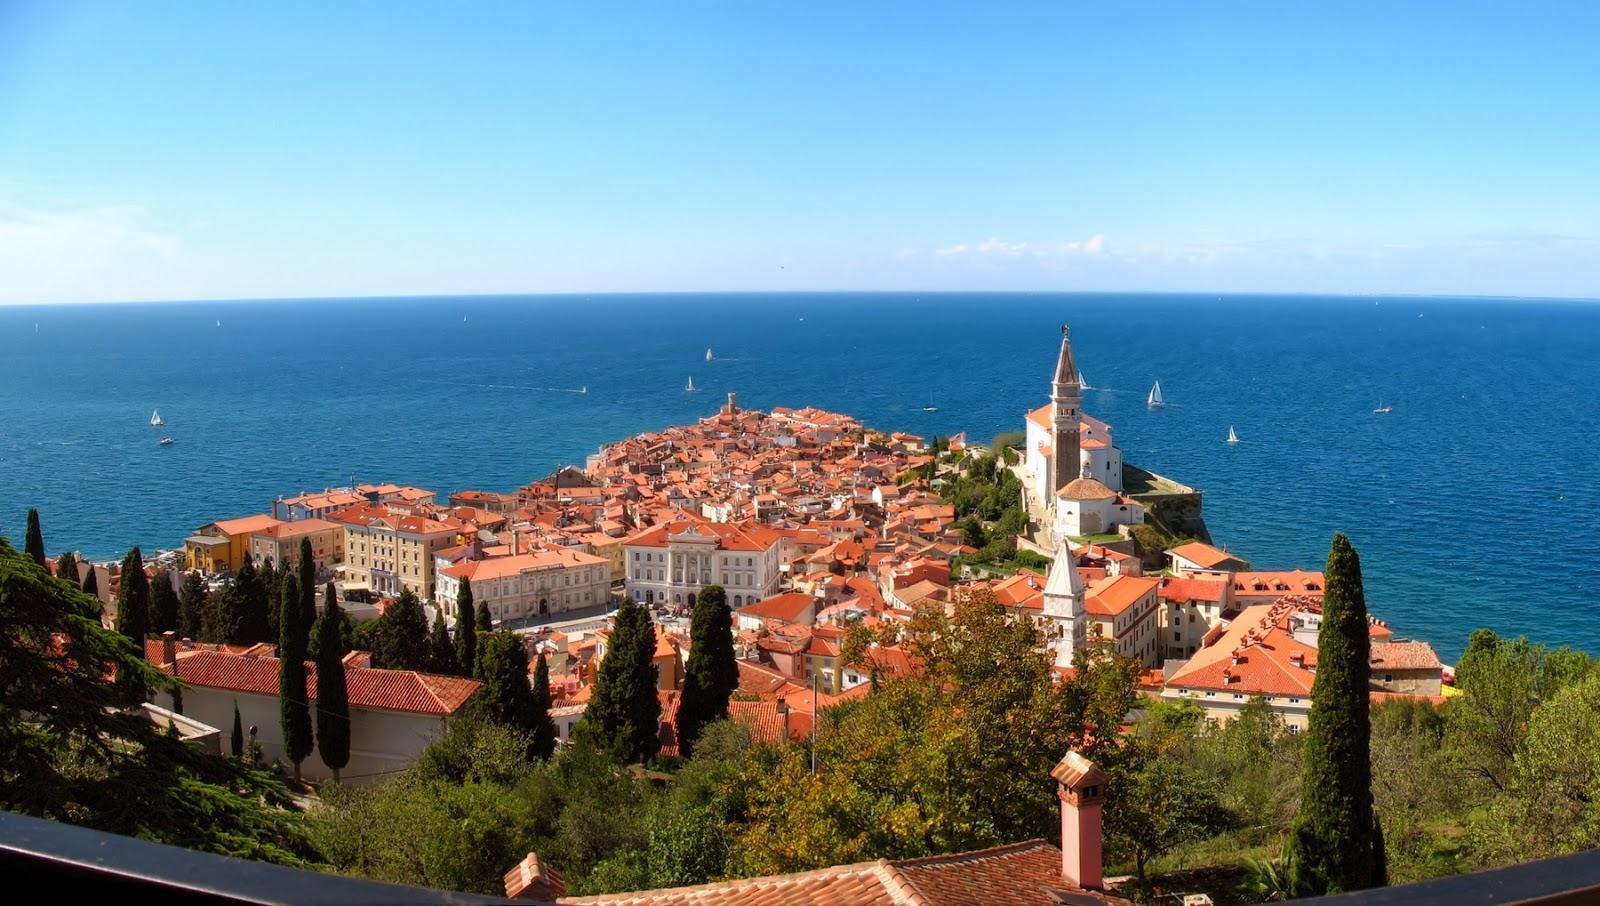 Piran - Adriatische kust - Slovenië